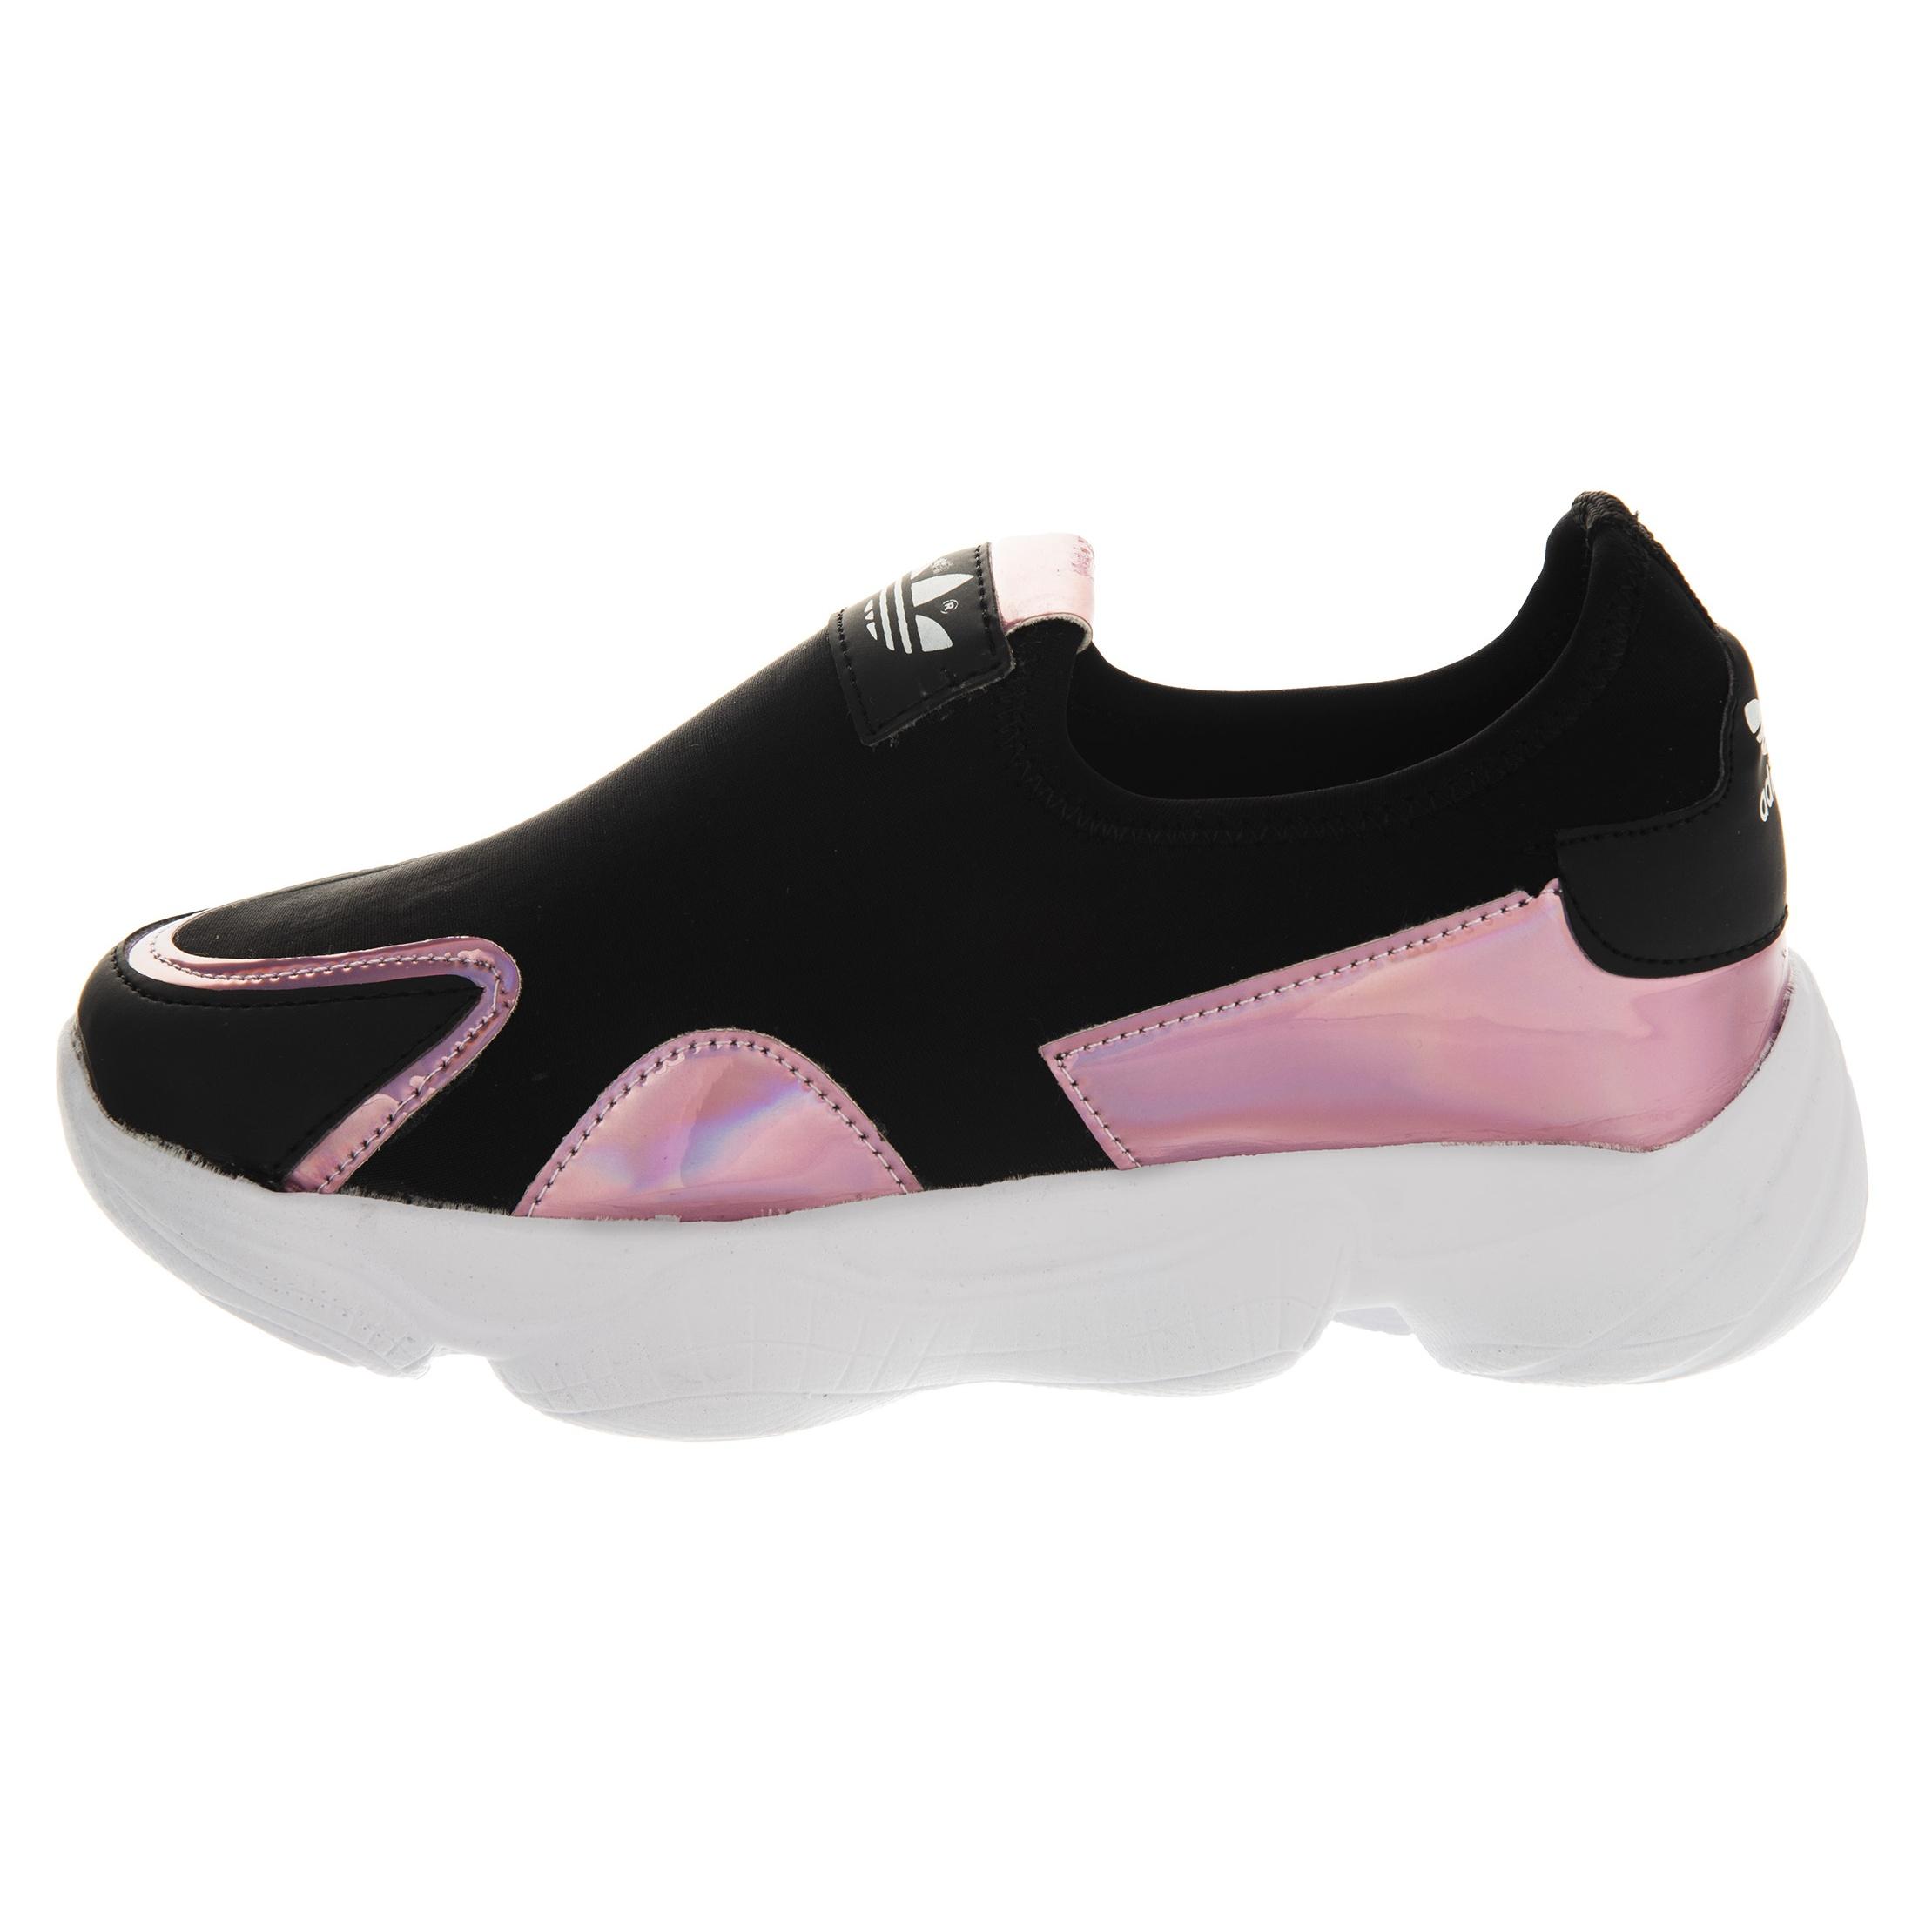 کفش راحتی زنانه مدل Hologram07